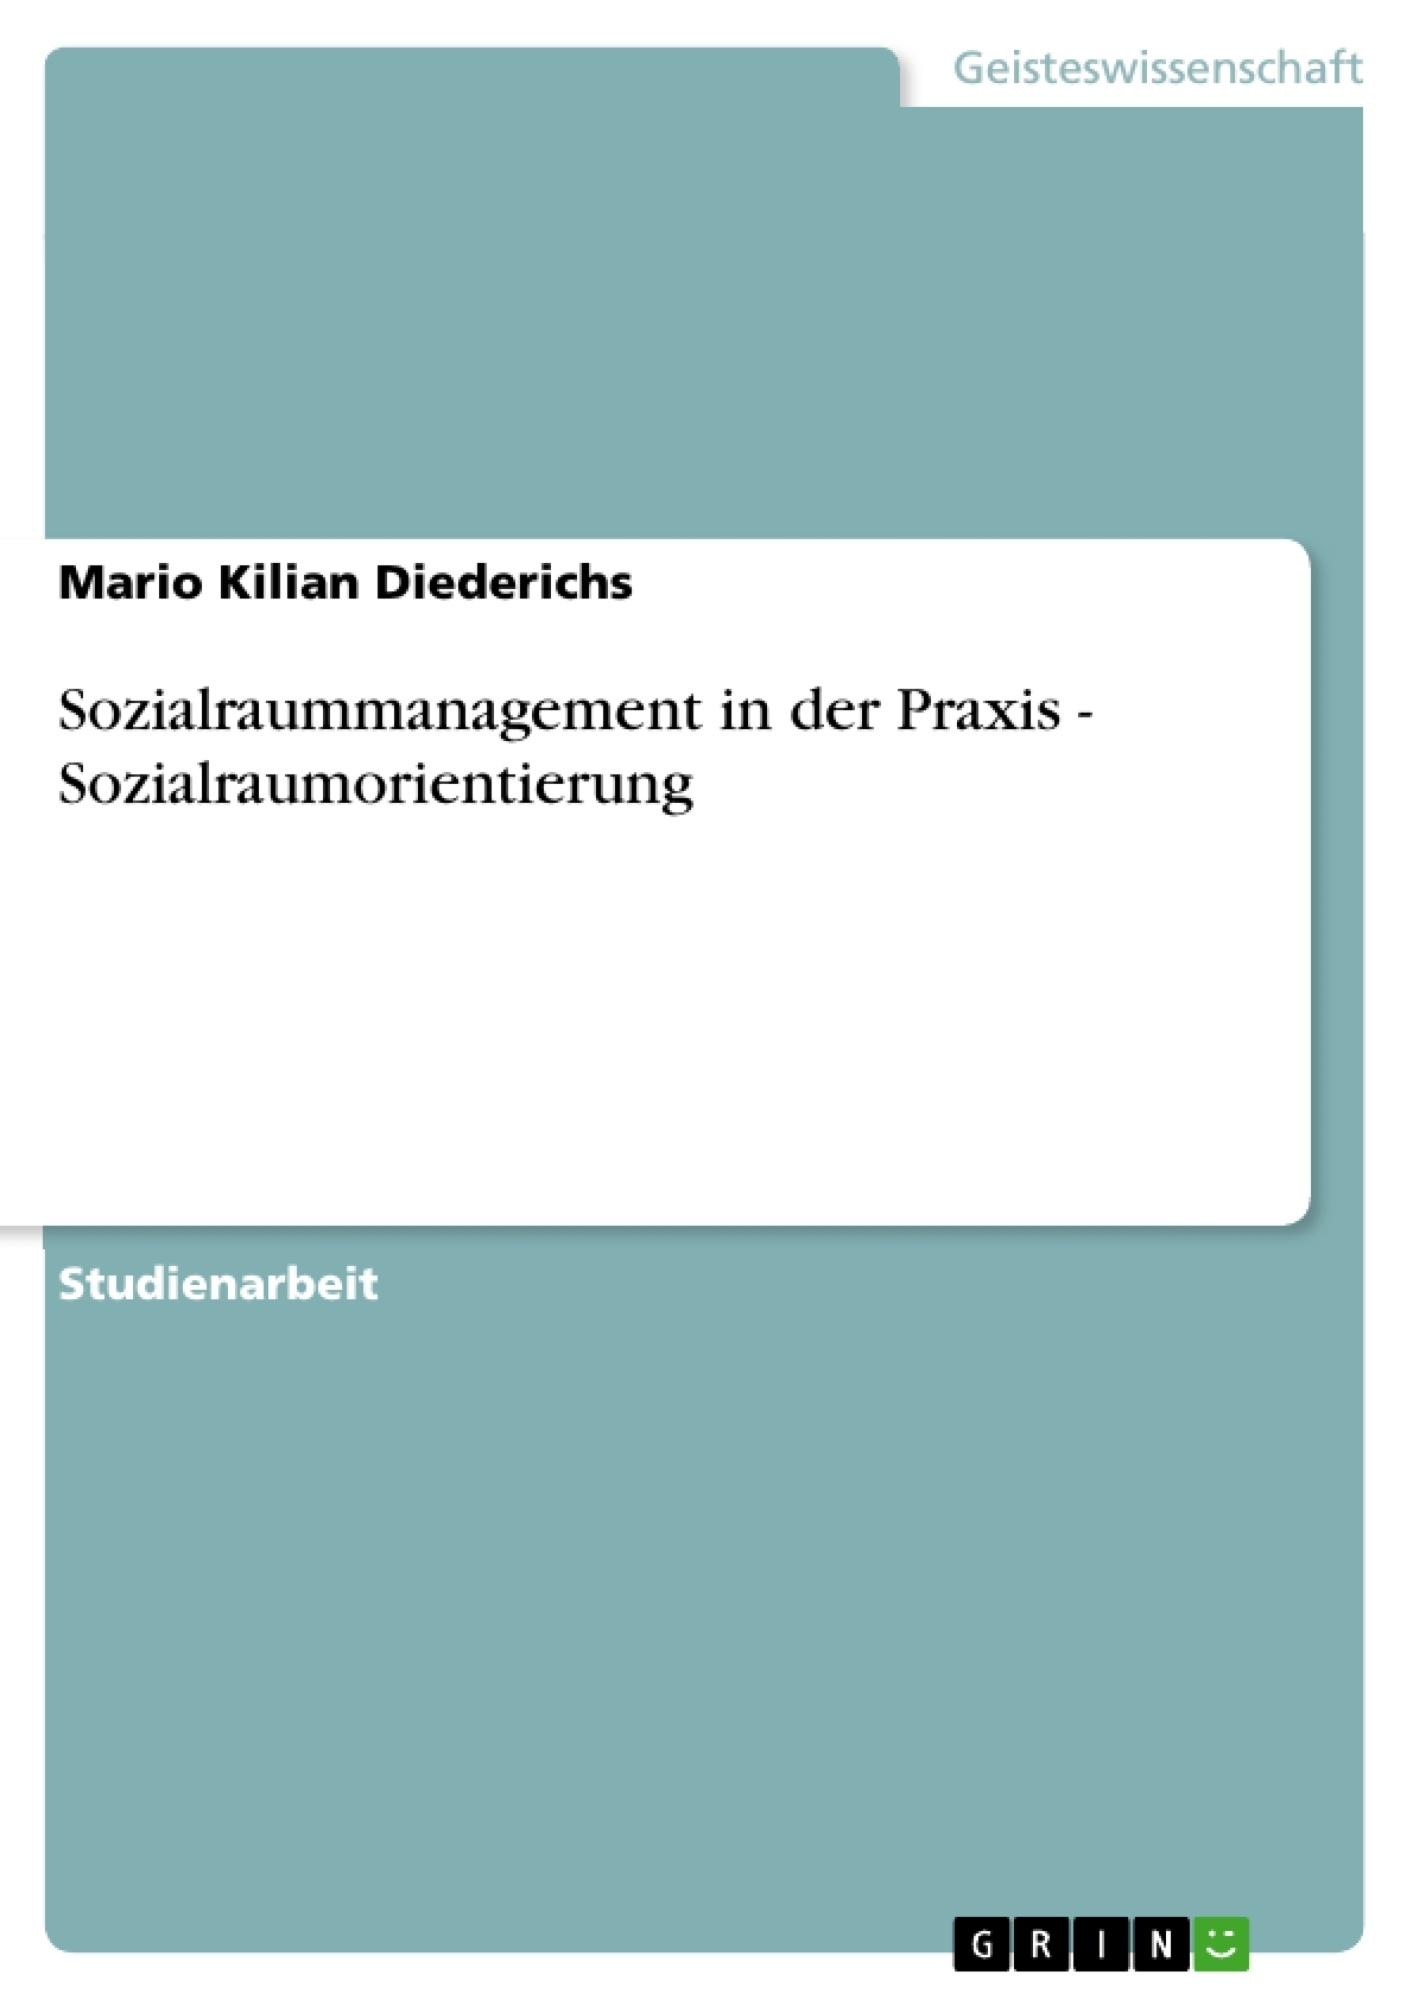 Titel: Sozialraummanagement in der Praxis - Sozialraumorientierung